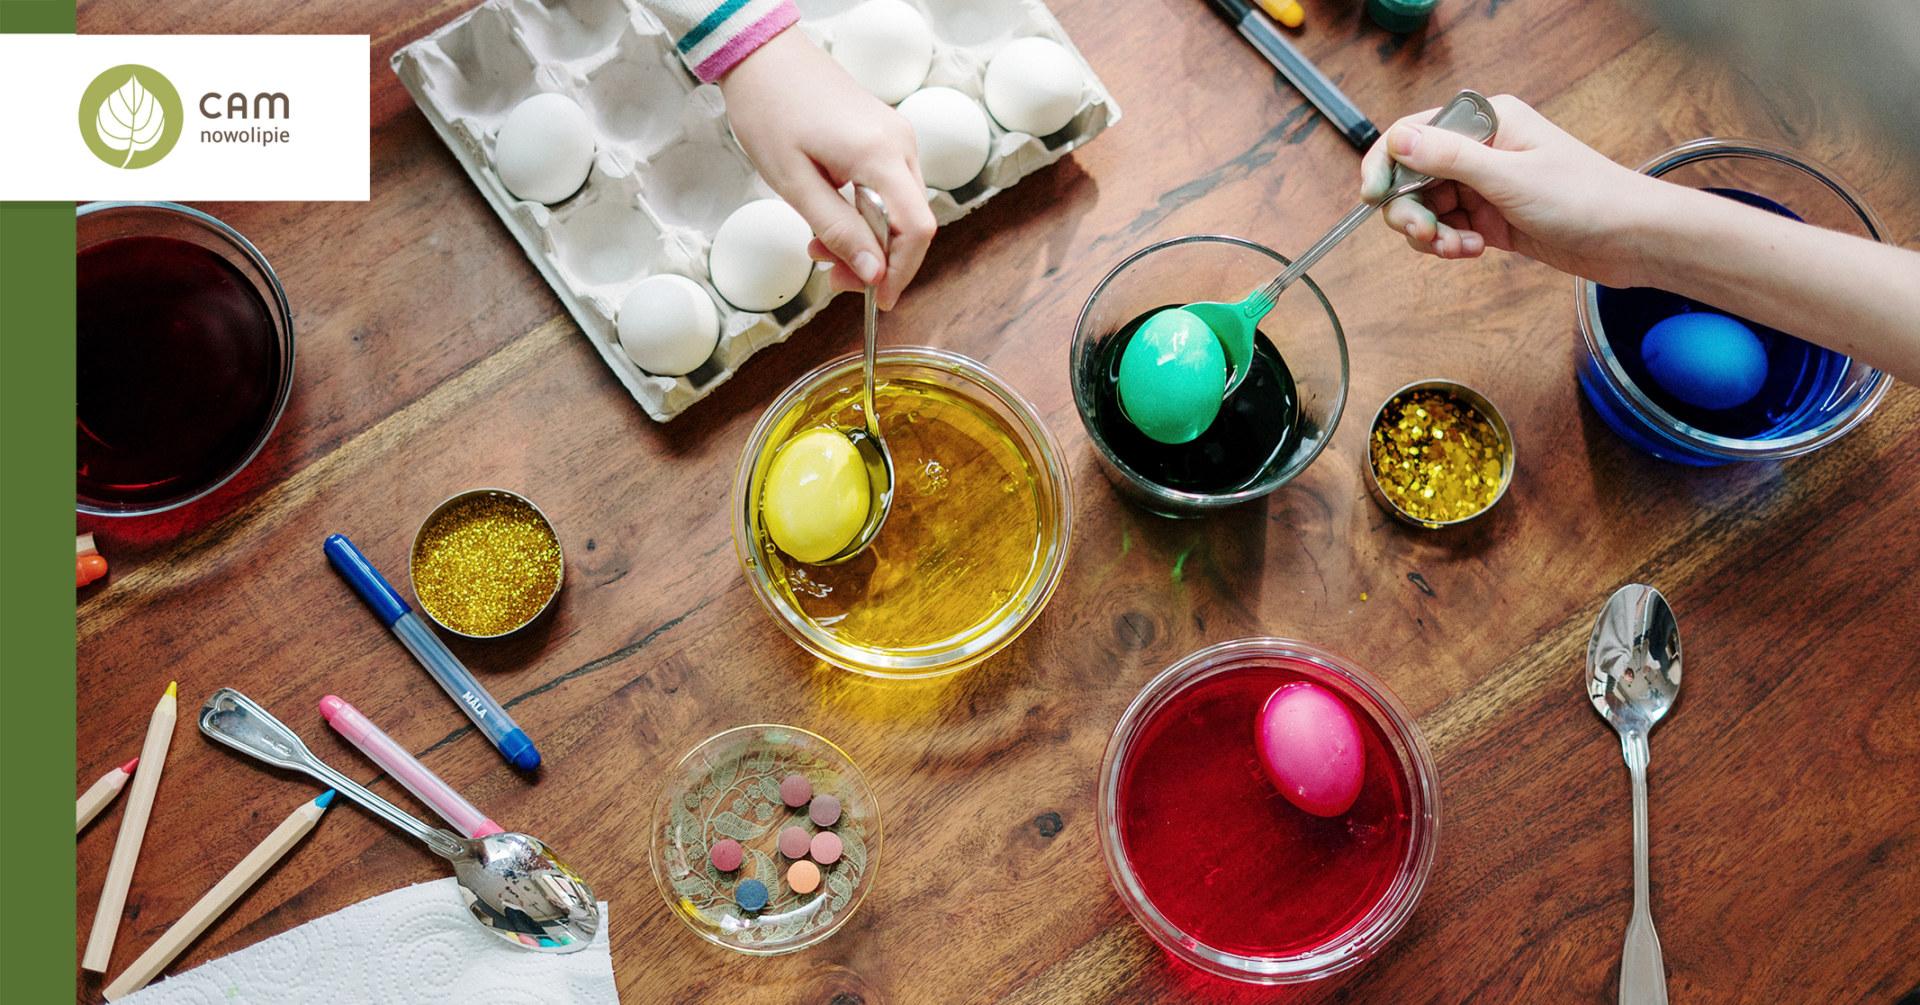 W szklankach w kolorowej wodzie barwią się jajka. Wokół rozrzucone na stole materiały dekoracyjne.